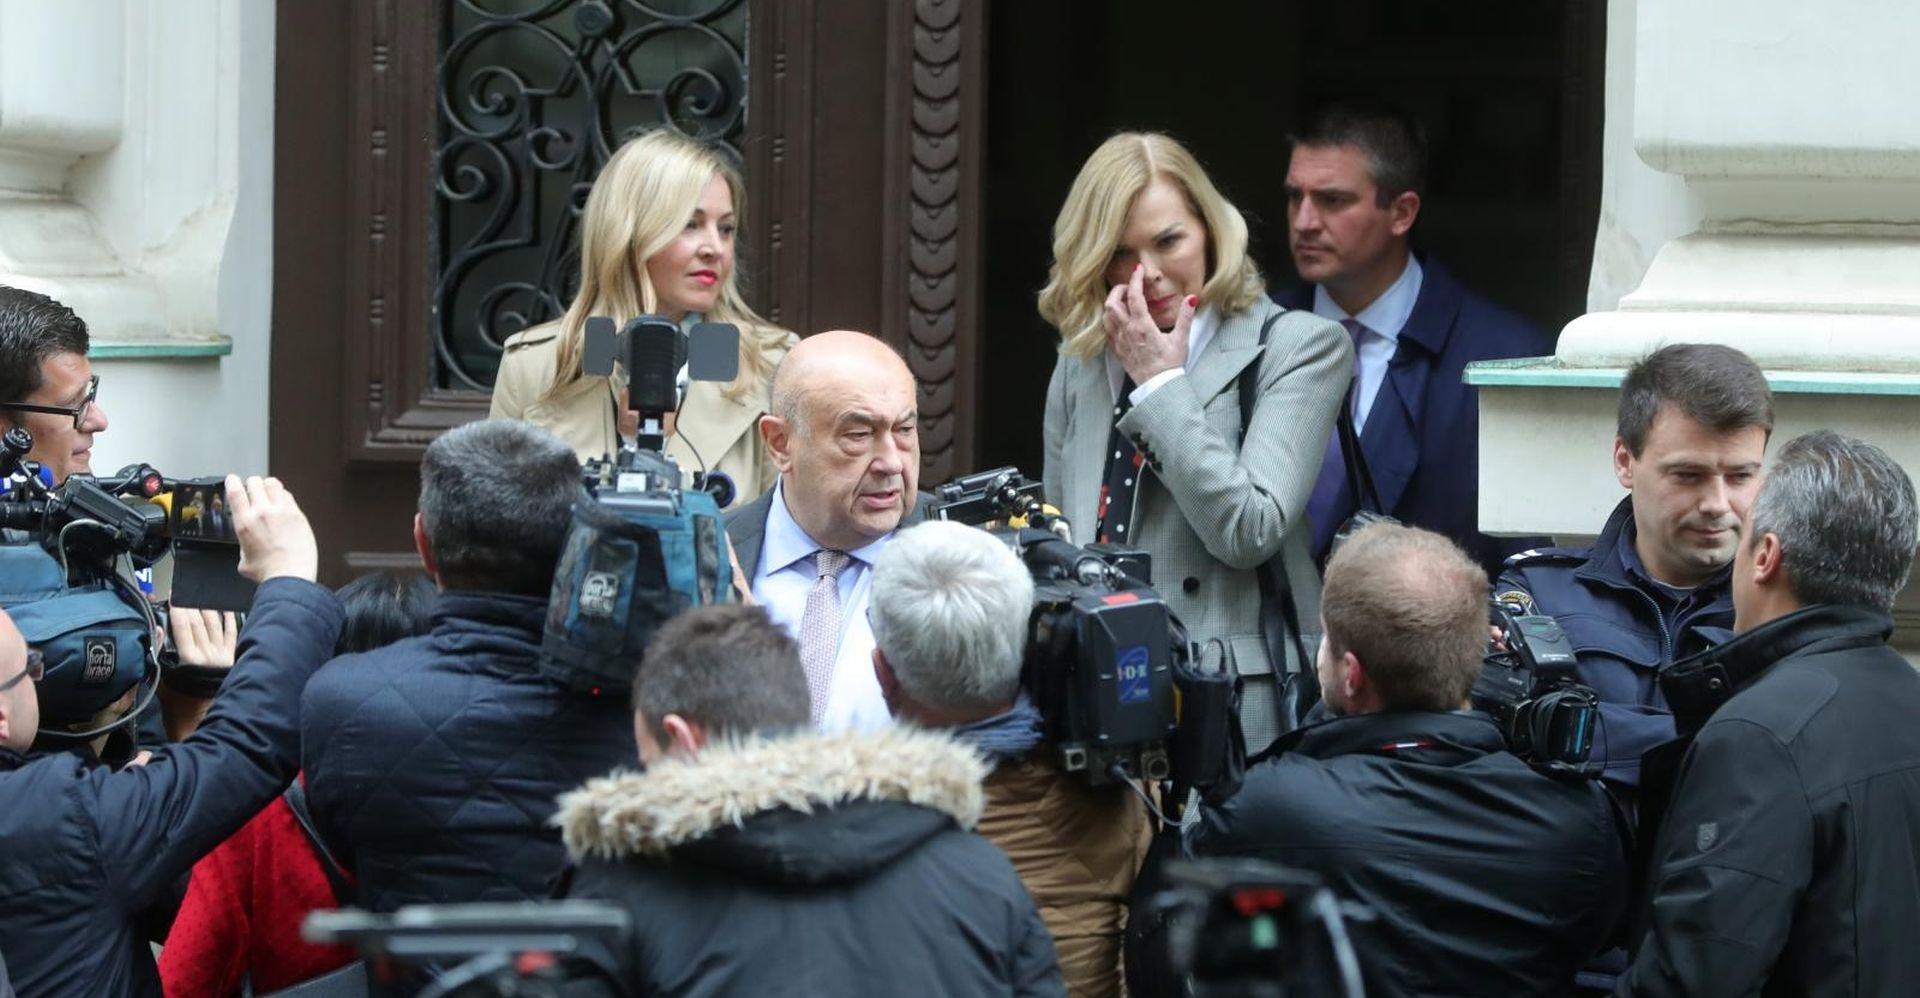 Sanaderovi odvjetnici nezadovoljni presudama